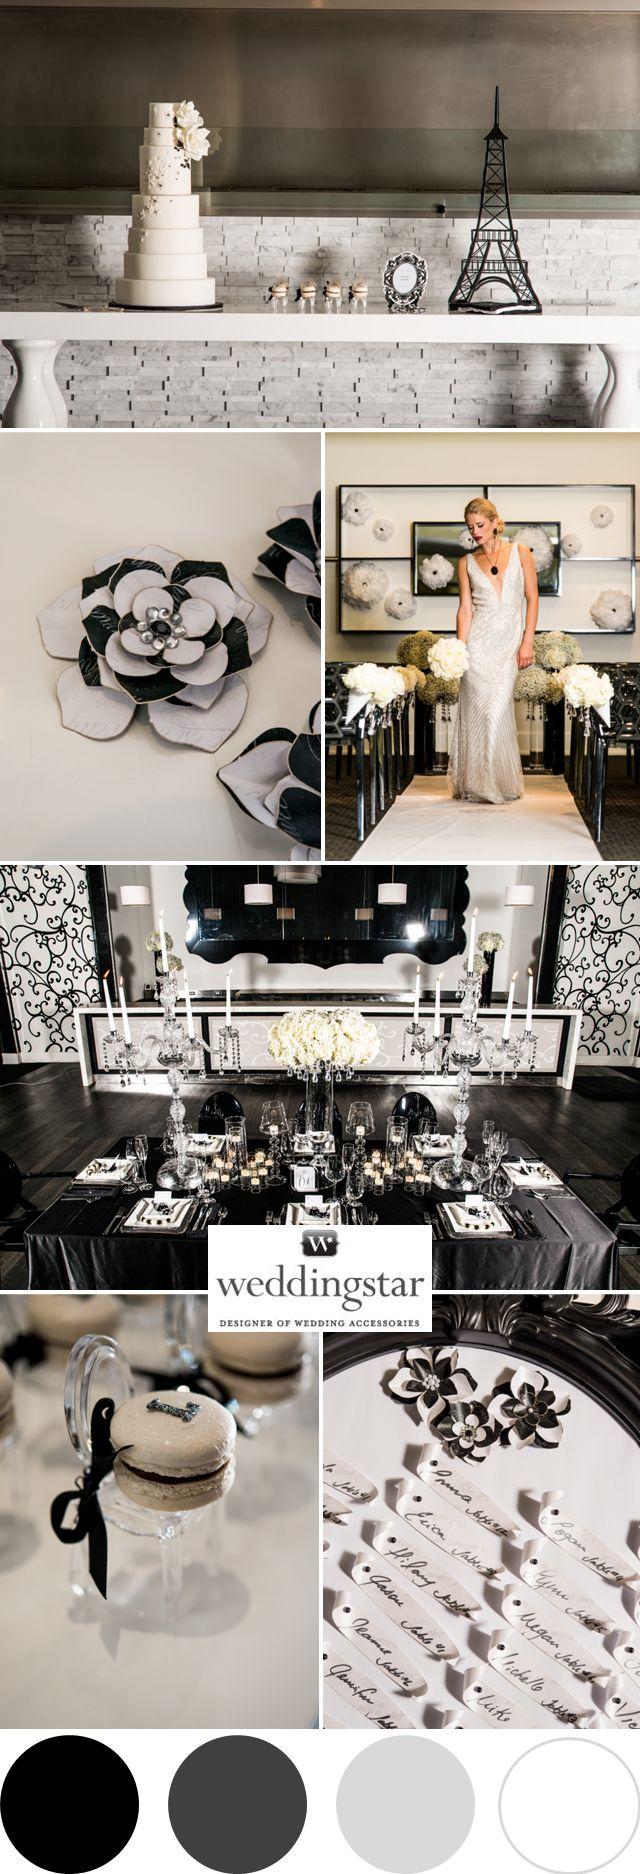 Best 25+ Red grey wedding ideas on Pinterest | Red wedding colors, Red  wedding and Dark red wedding